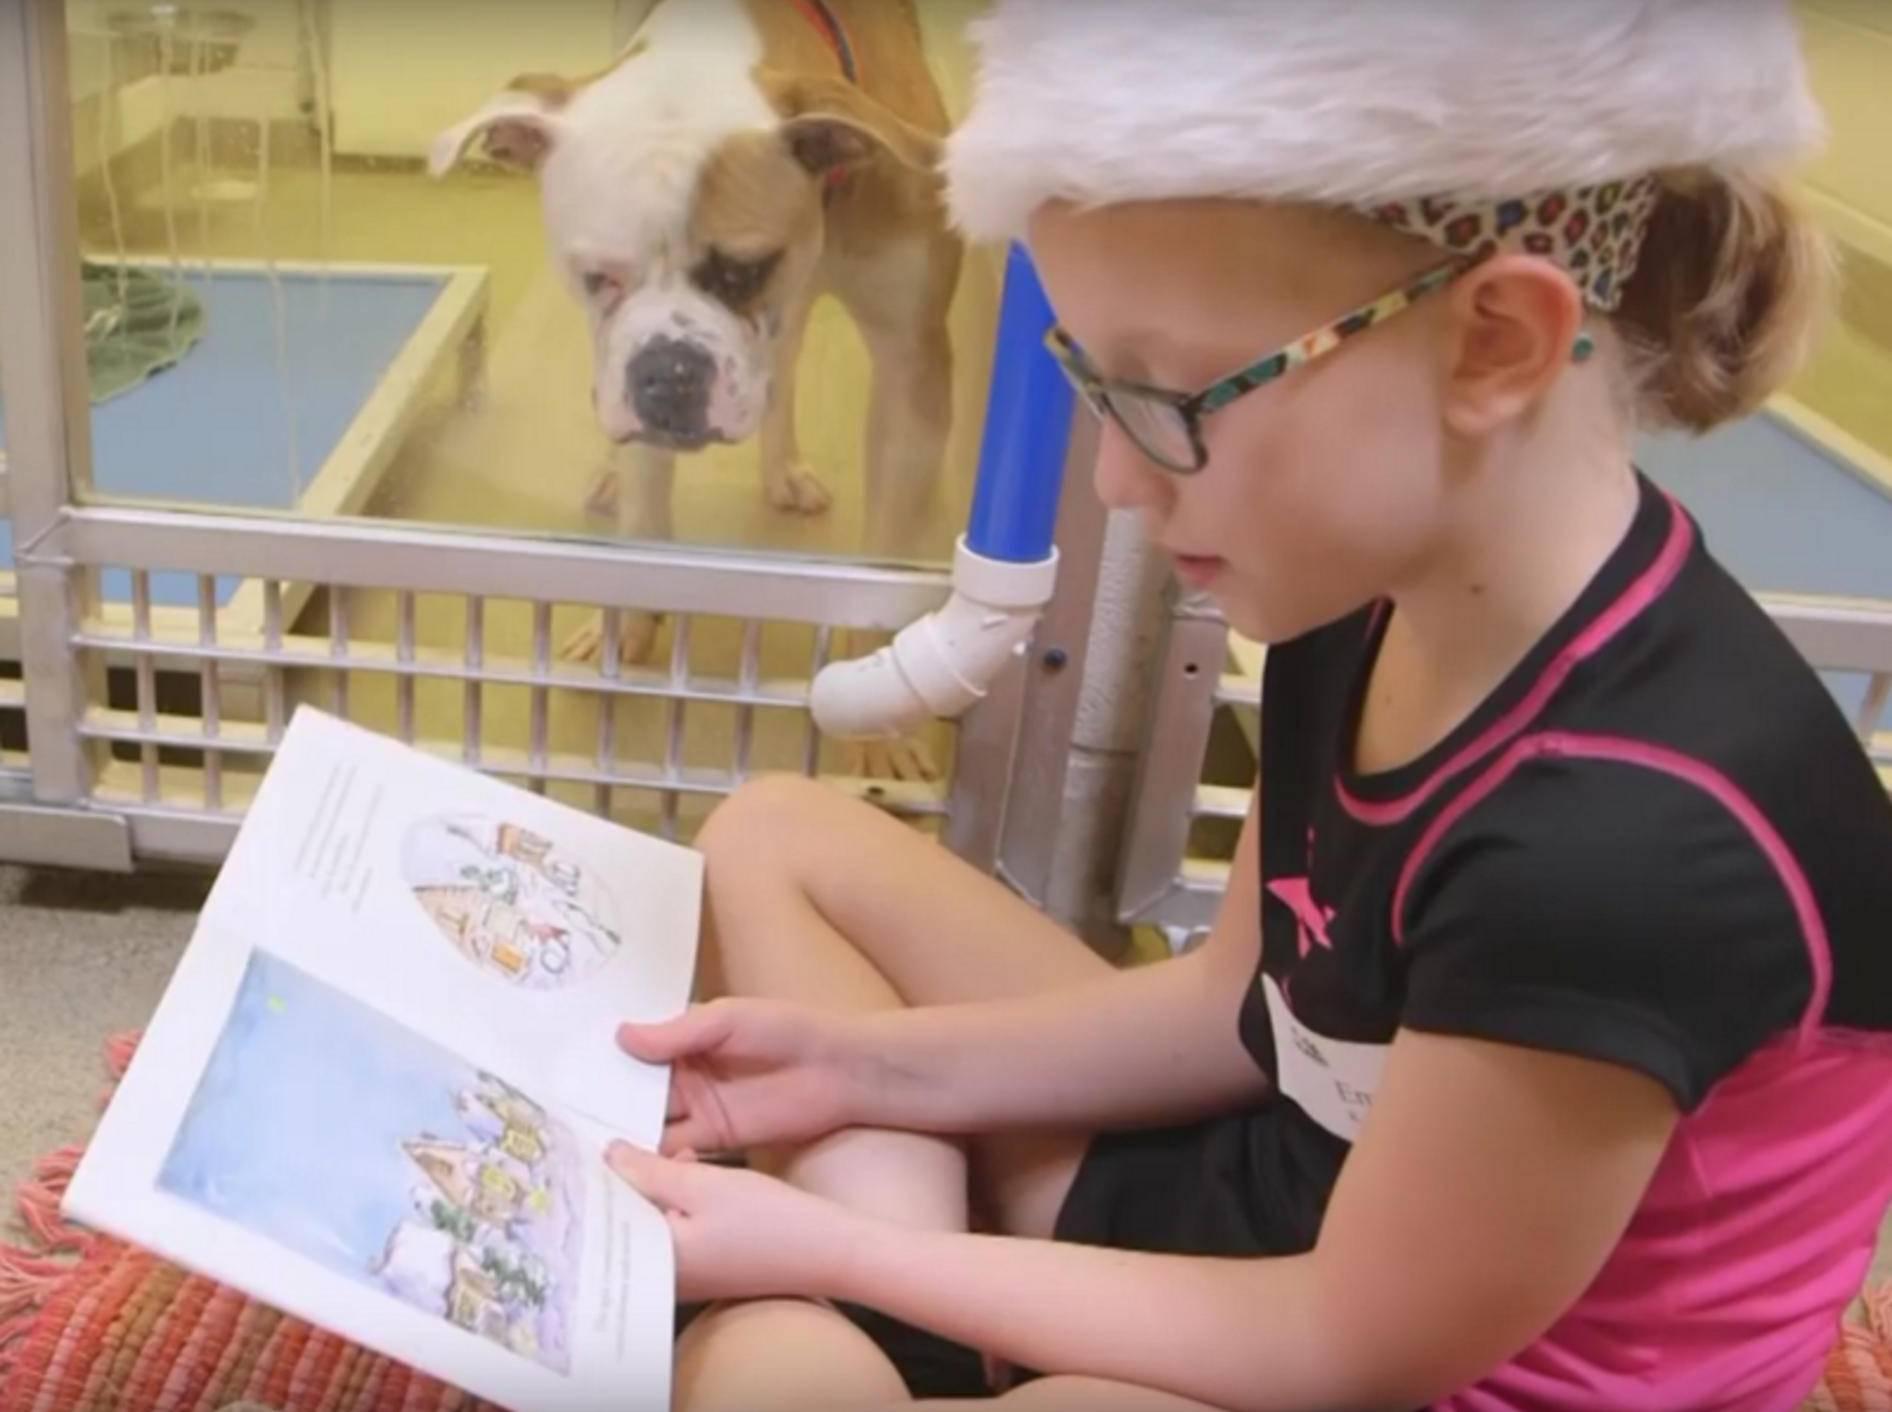 Goldig, wie der Tierheimhund dem kleinen Mädchen beim Lesen zuhört – YouTube / hsmolovesanimals